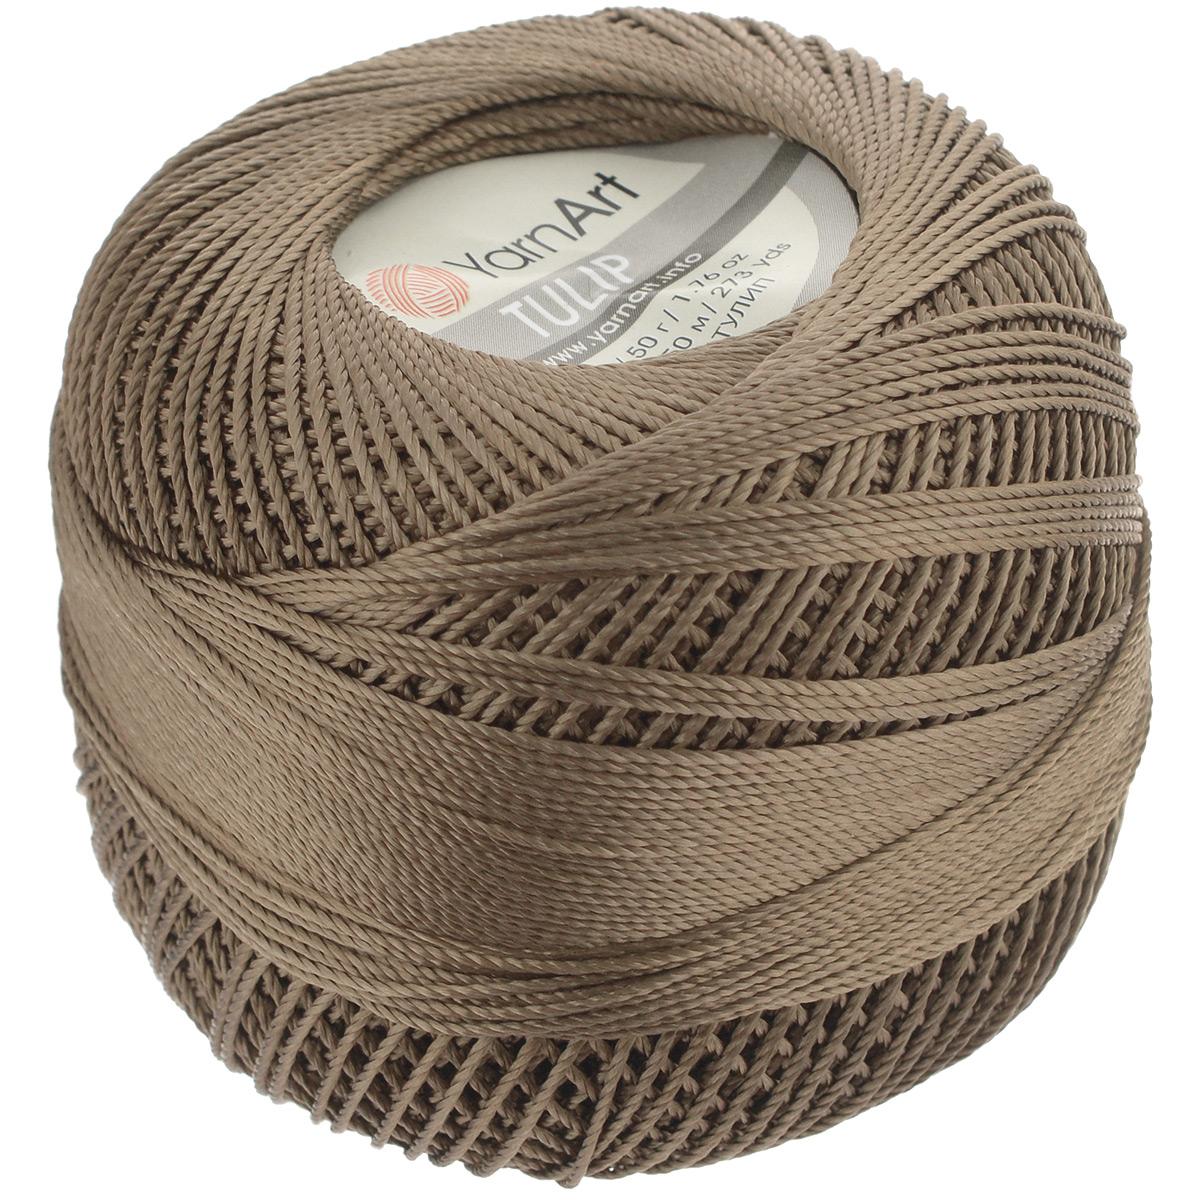 Пряжа для вязания YarnArt Tulip, цвет: коричневый (403), 250 м, 50 г, 6 шт372017_403Пряжа для вязания YarnArt Tulip (Ирис) изготовлена из 100% микрофибры. Пряжа приятная на ощупь, легкая, тонкая и упругая. Хорошо смотрится практически в любых узорах, не косит, послушно ложится в узоры и спицами, и крючком. Ниточка блестящая и такими же блестящими получаются изделия из нее. Нить удобна и практична тем, что хорошо смотрится как в объемных рельефных узорах, так и в самой простой чулочной вязке. Пряжа Tulip - классический вариант демисезонной пряжи, идеальна для создания летней одежды, купальников, аксессуаров, бижутерии, салфеток, ирландского кружева, жгутов и т.д. Нежная текстура ниток подходит для создания одежды детям. Изделия получаются легкими, не деформируются и не вытягиваются ни при вязании, ни при последующей носке. Микрофибра гипоаллергенна, поэтому вязаные вещи подходят даже для чувствительной кожи. Богатая цветовая гамма однотонных и меланжевых расцветок порадует рукодельниц и удовлетворит даже самых взыскательных модниц. Нить очень...